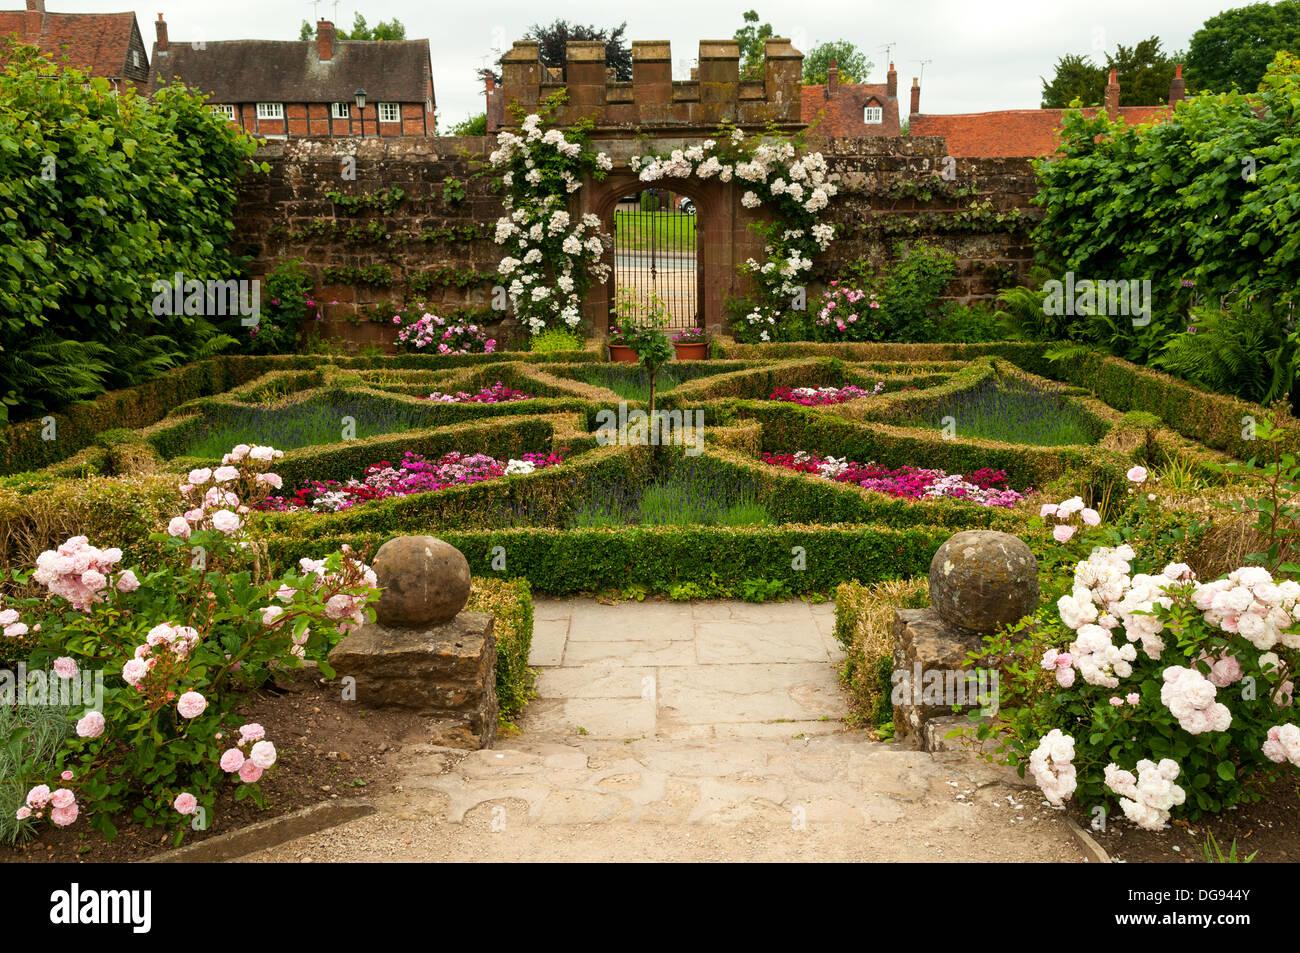 Crystal Gardenia Oud Reviews >> Kenilworth Castle Tudor Garden - Garden Ftempo